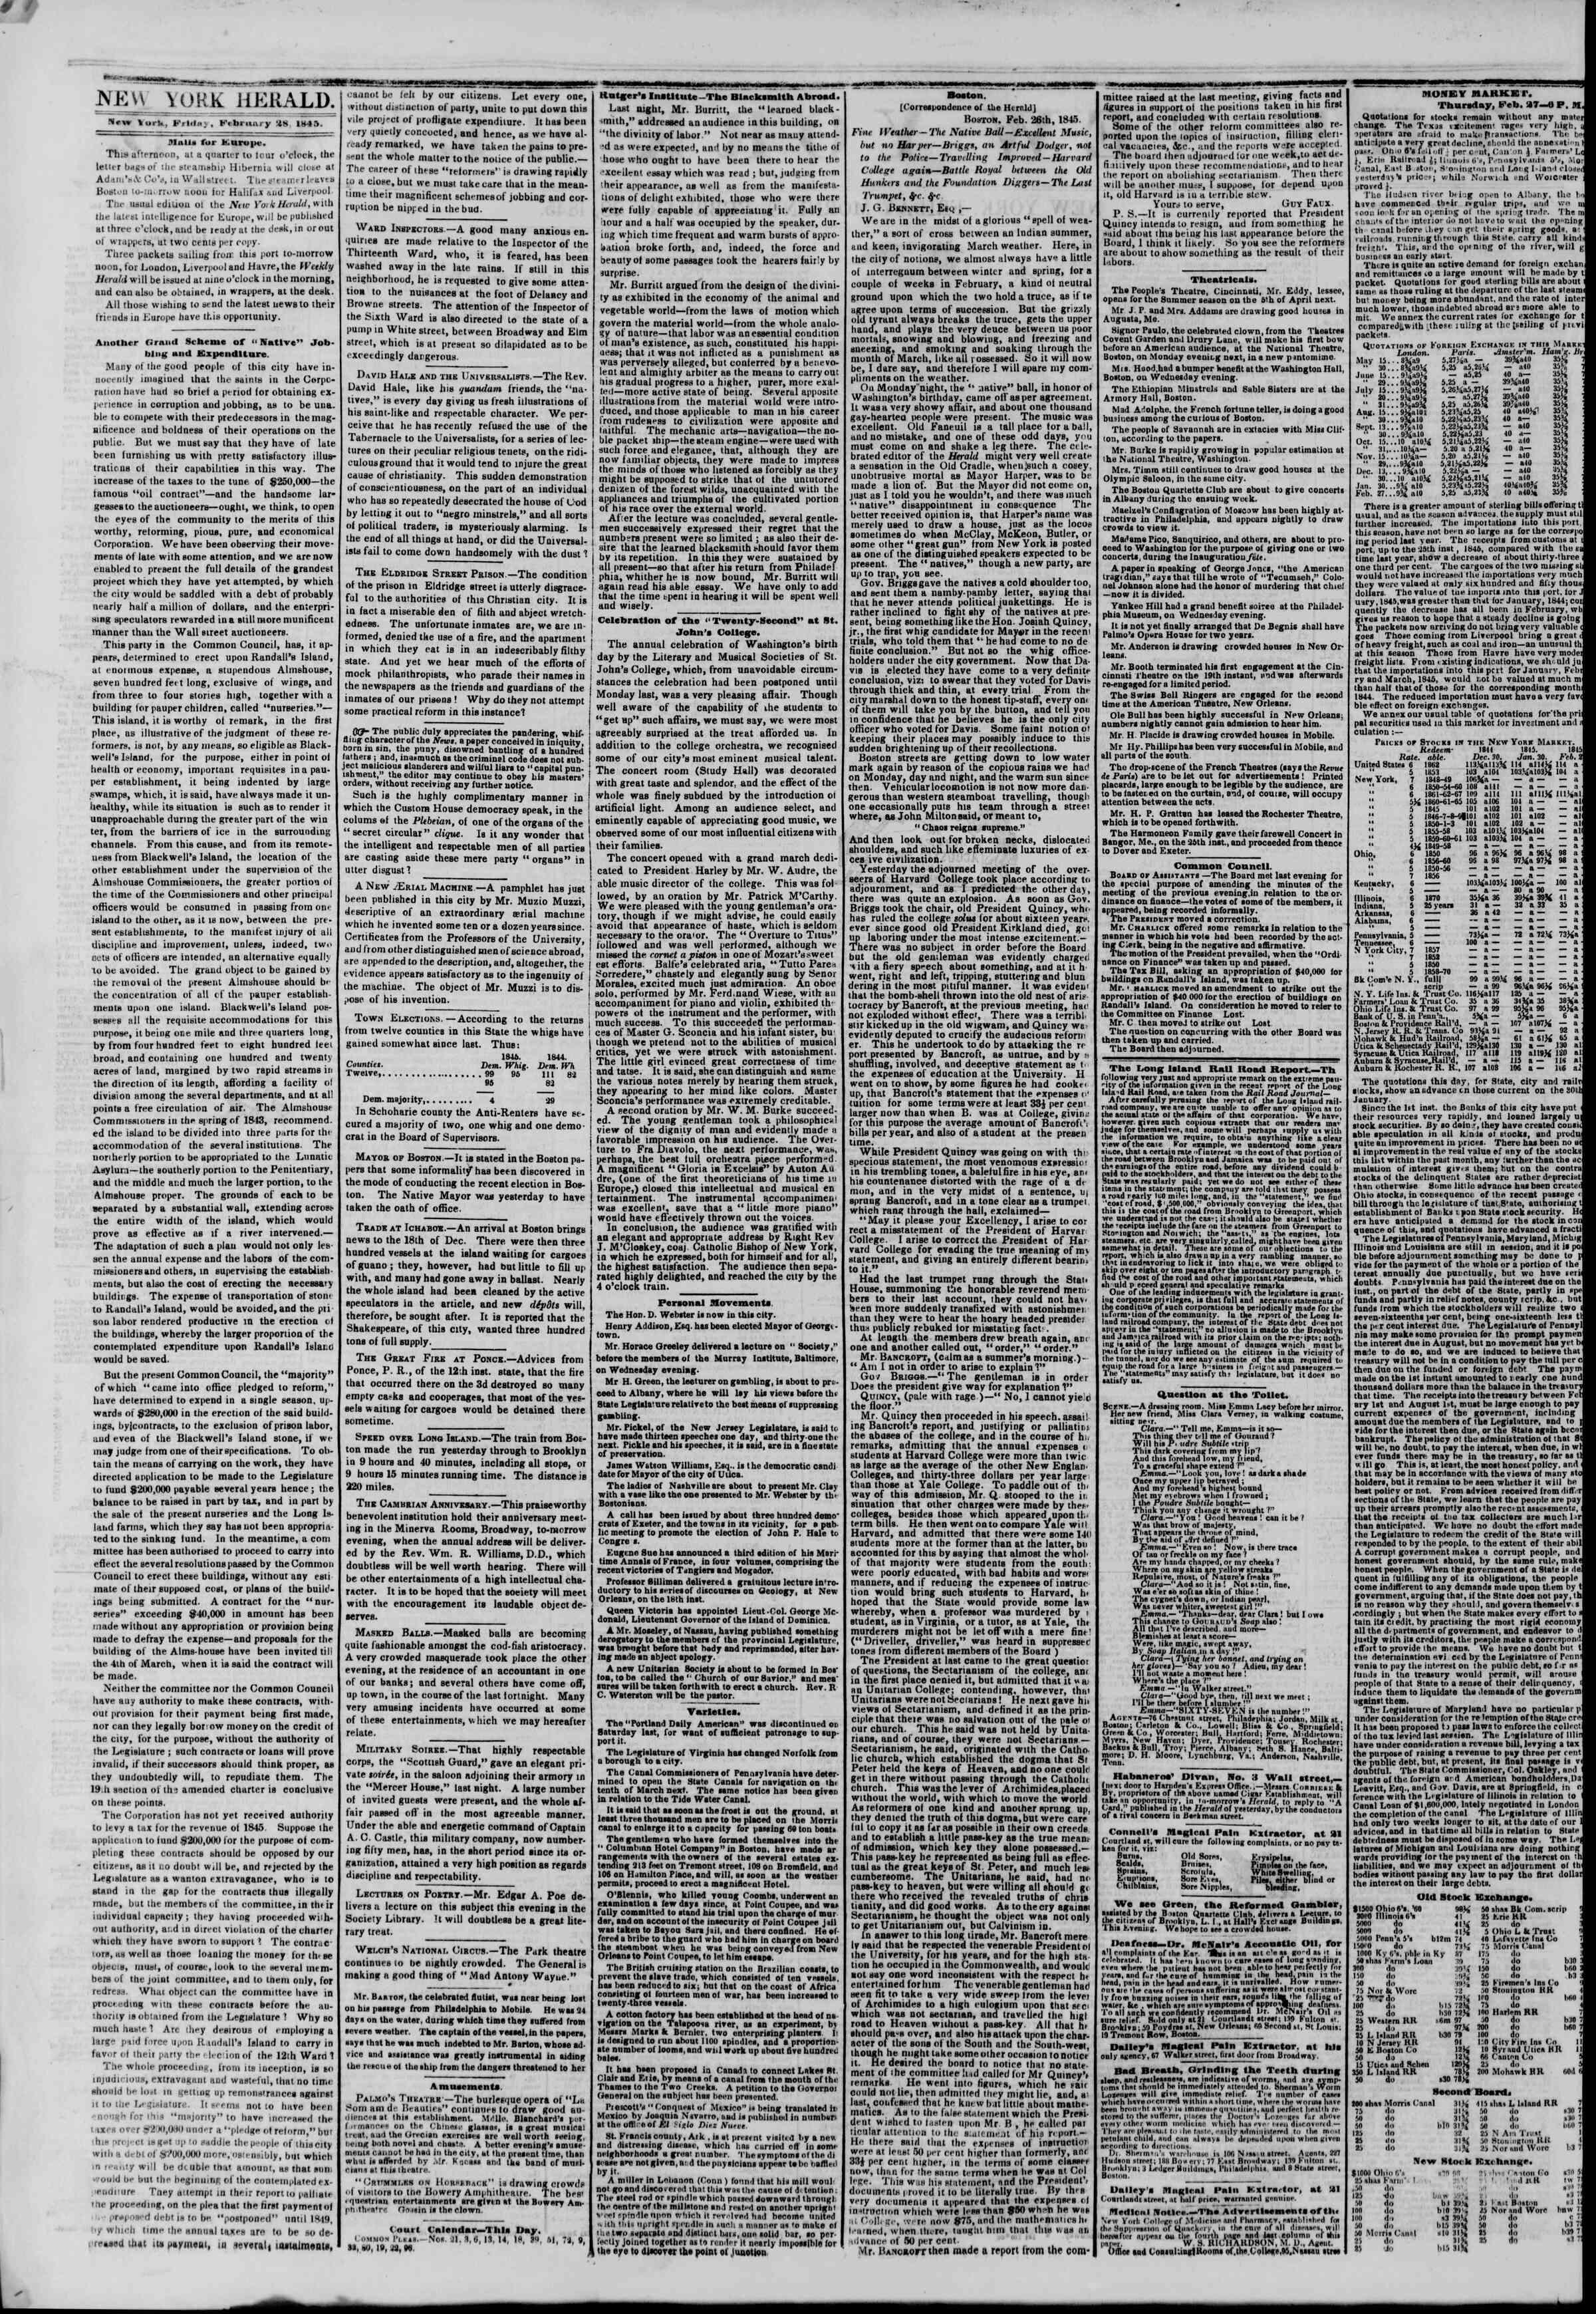 28 Şubat 1845 Tarihli The New York Herald Gazetesi Sayfa 2